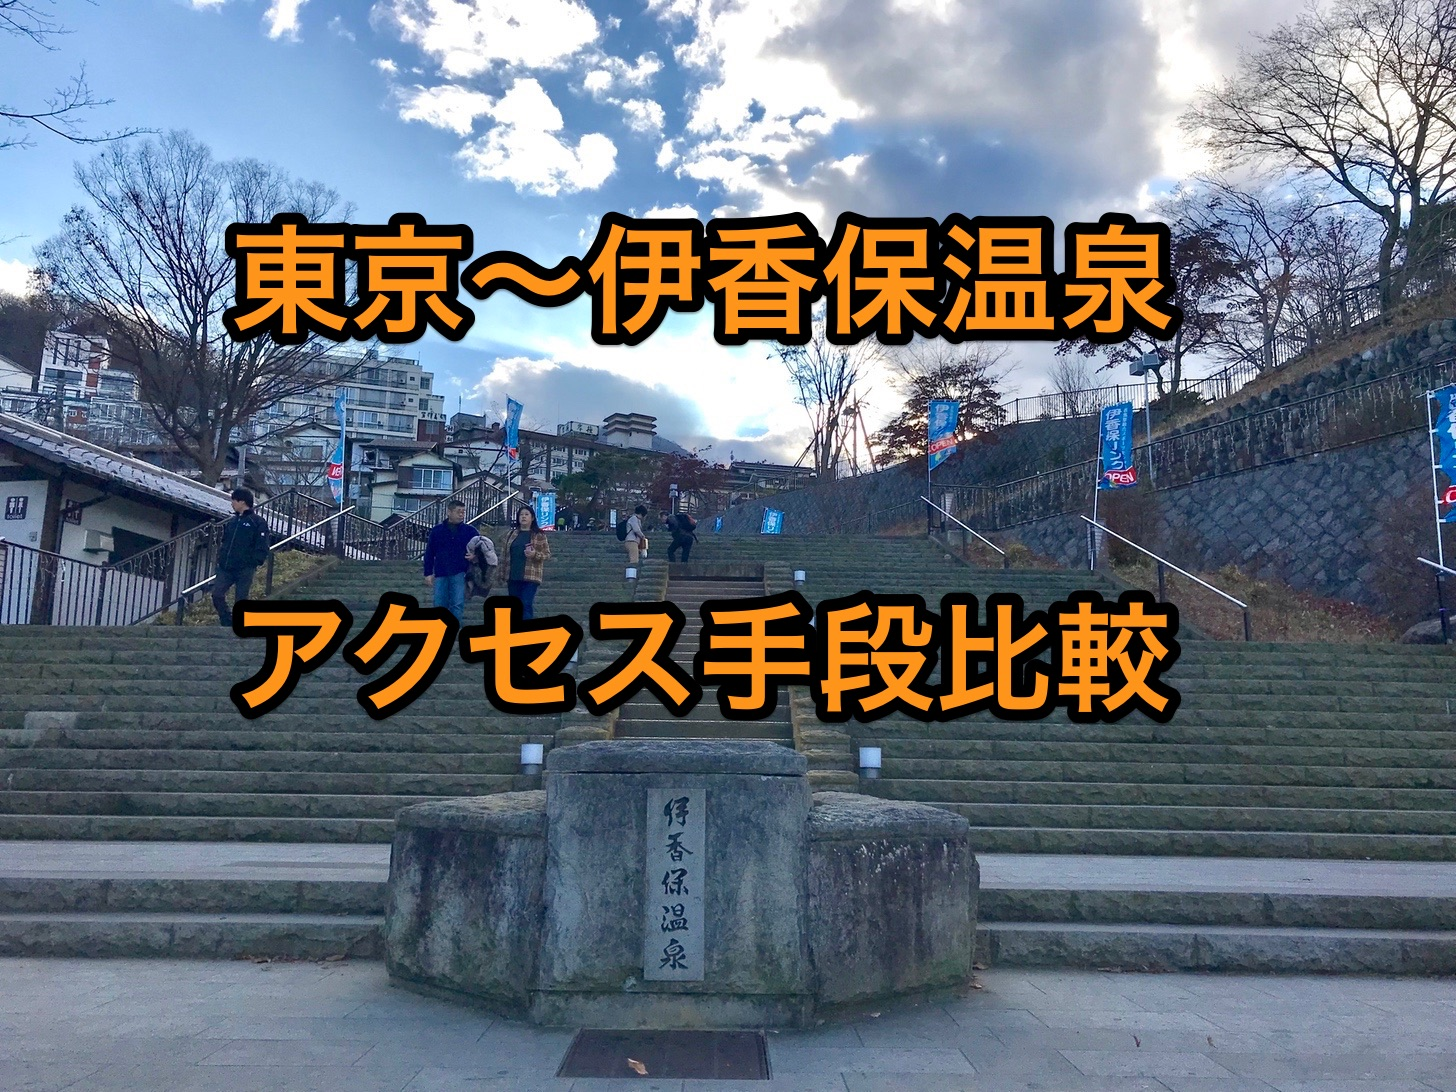 東京〜伊香保温泉のアクセス手段比較!高速バスならダイレクトにアクセスできておすすめ!